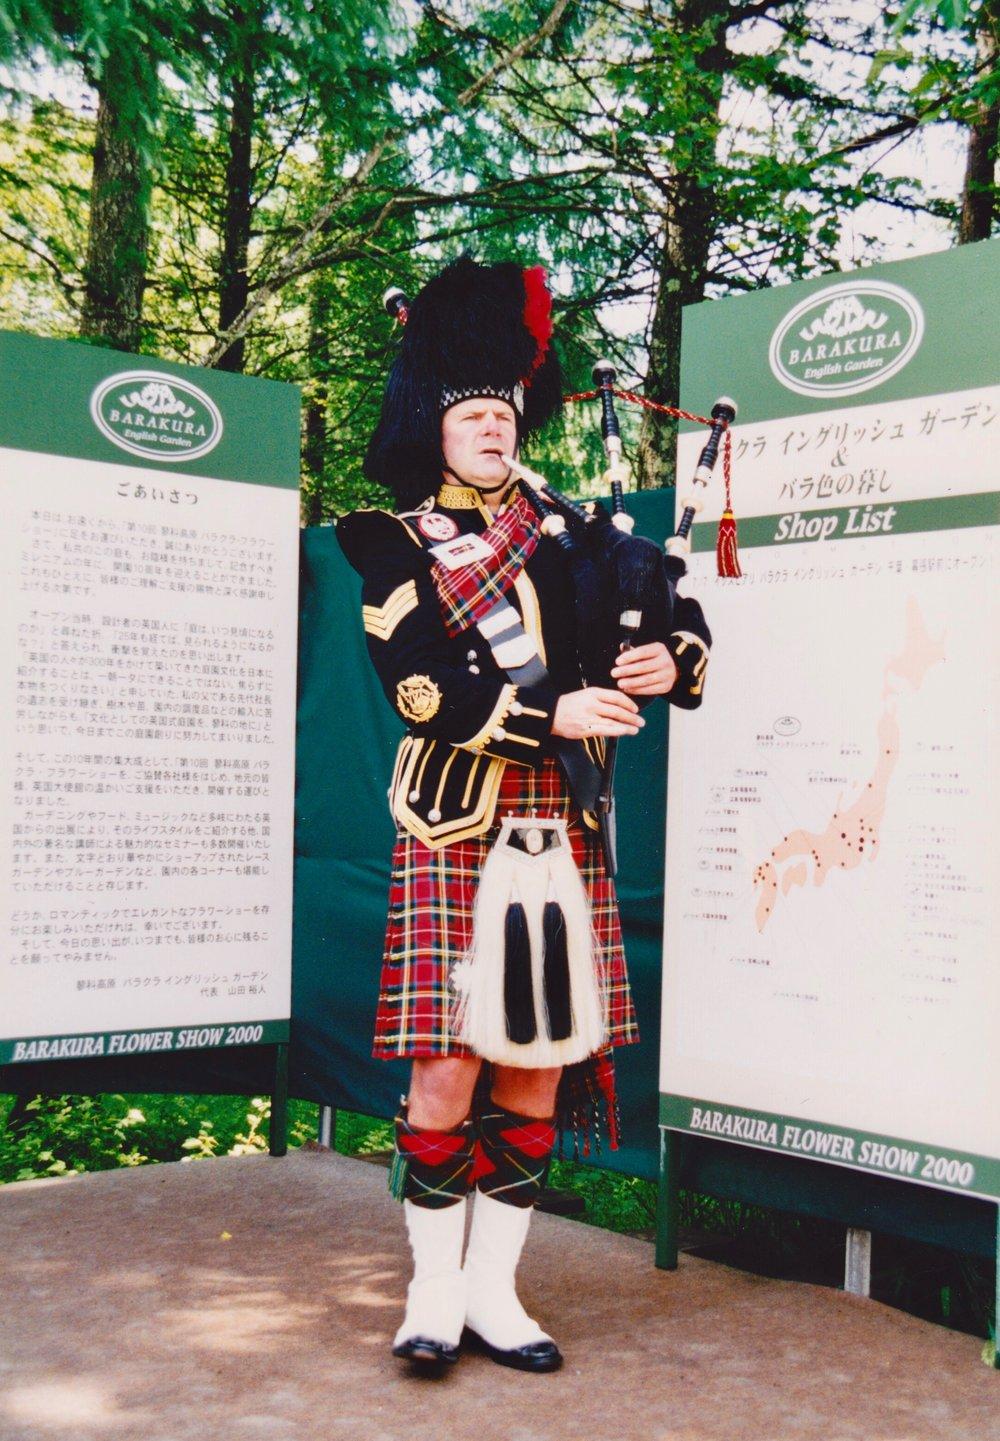 The entrance to the Barakura English Gardens, Japan